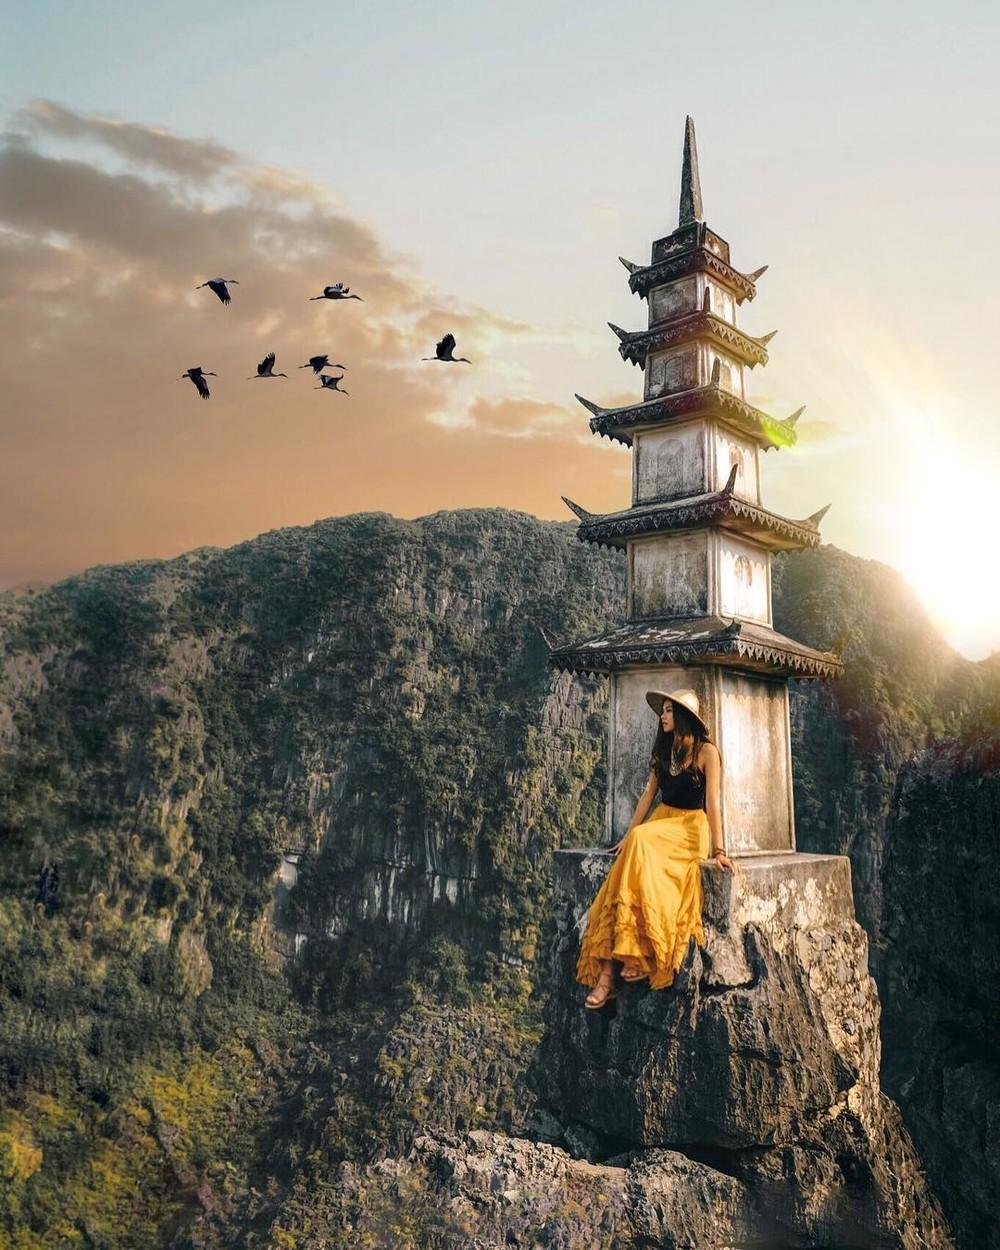 Tọa độ check-in hot nhất ở Ninh Bình: Hùng vĩ và ảo diệu không thua gì cảnh phim cổ trang - Ảnh 10.